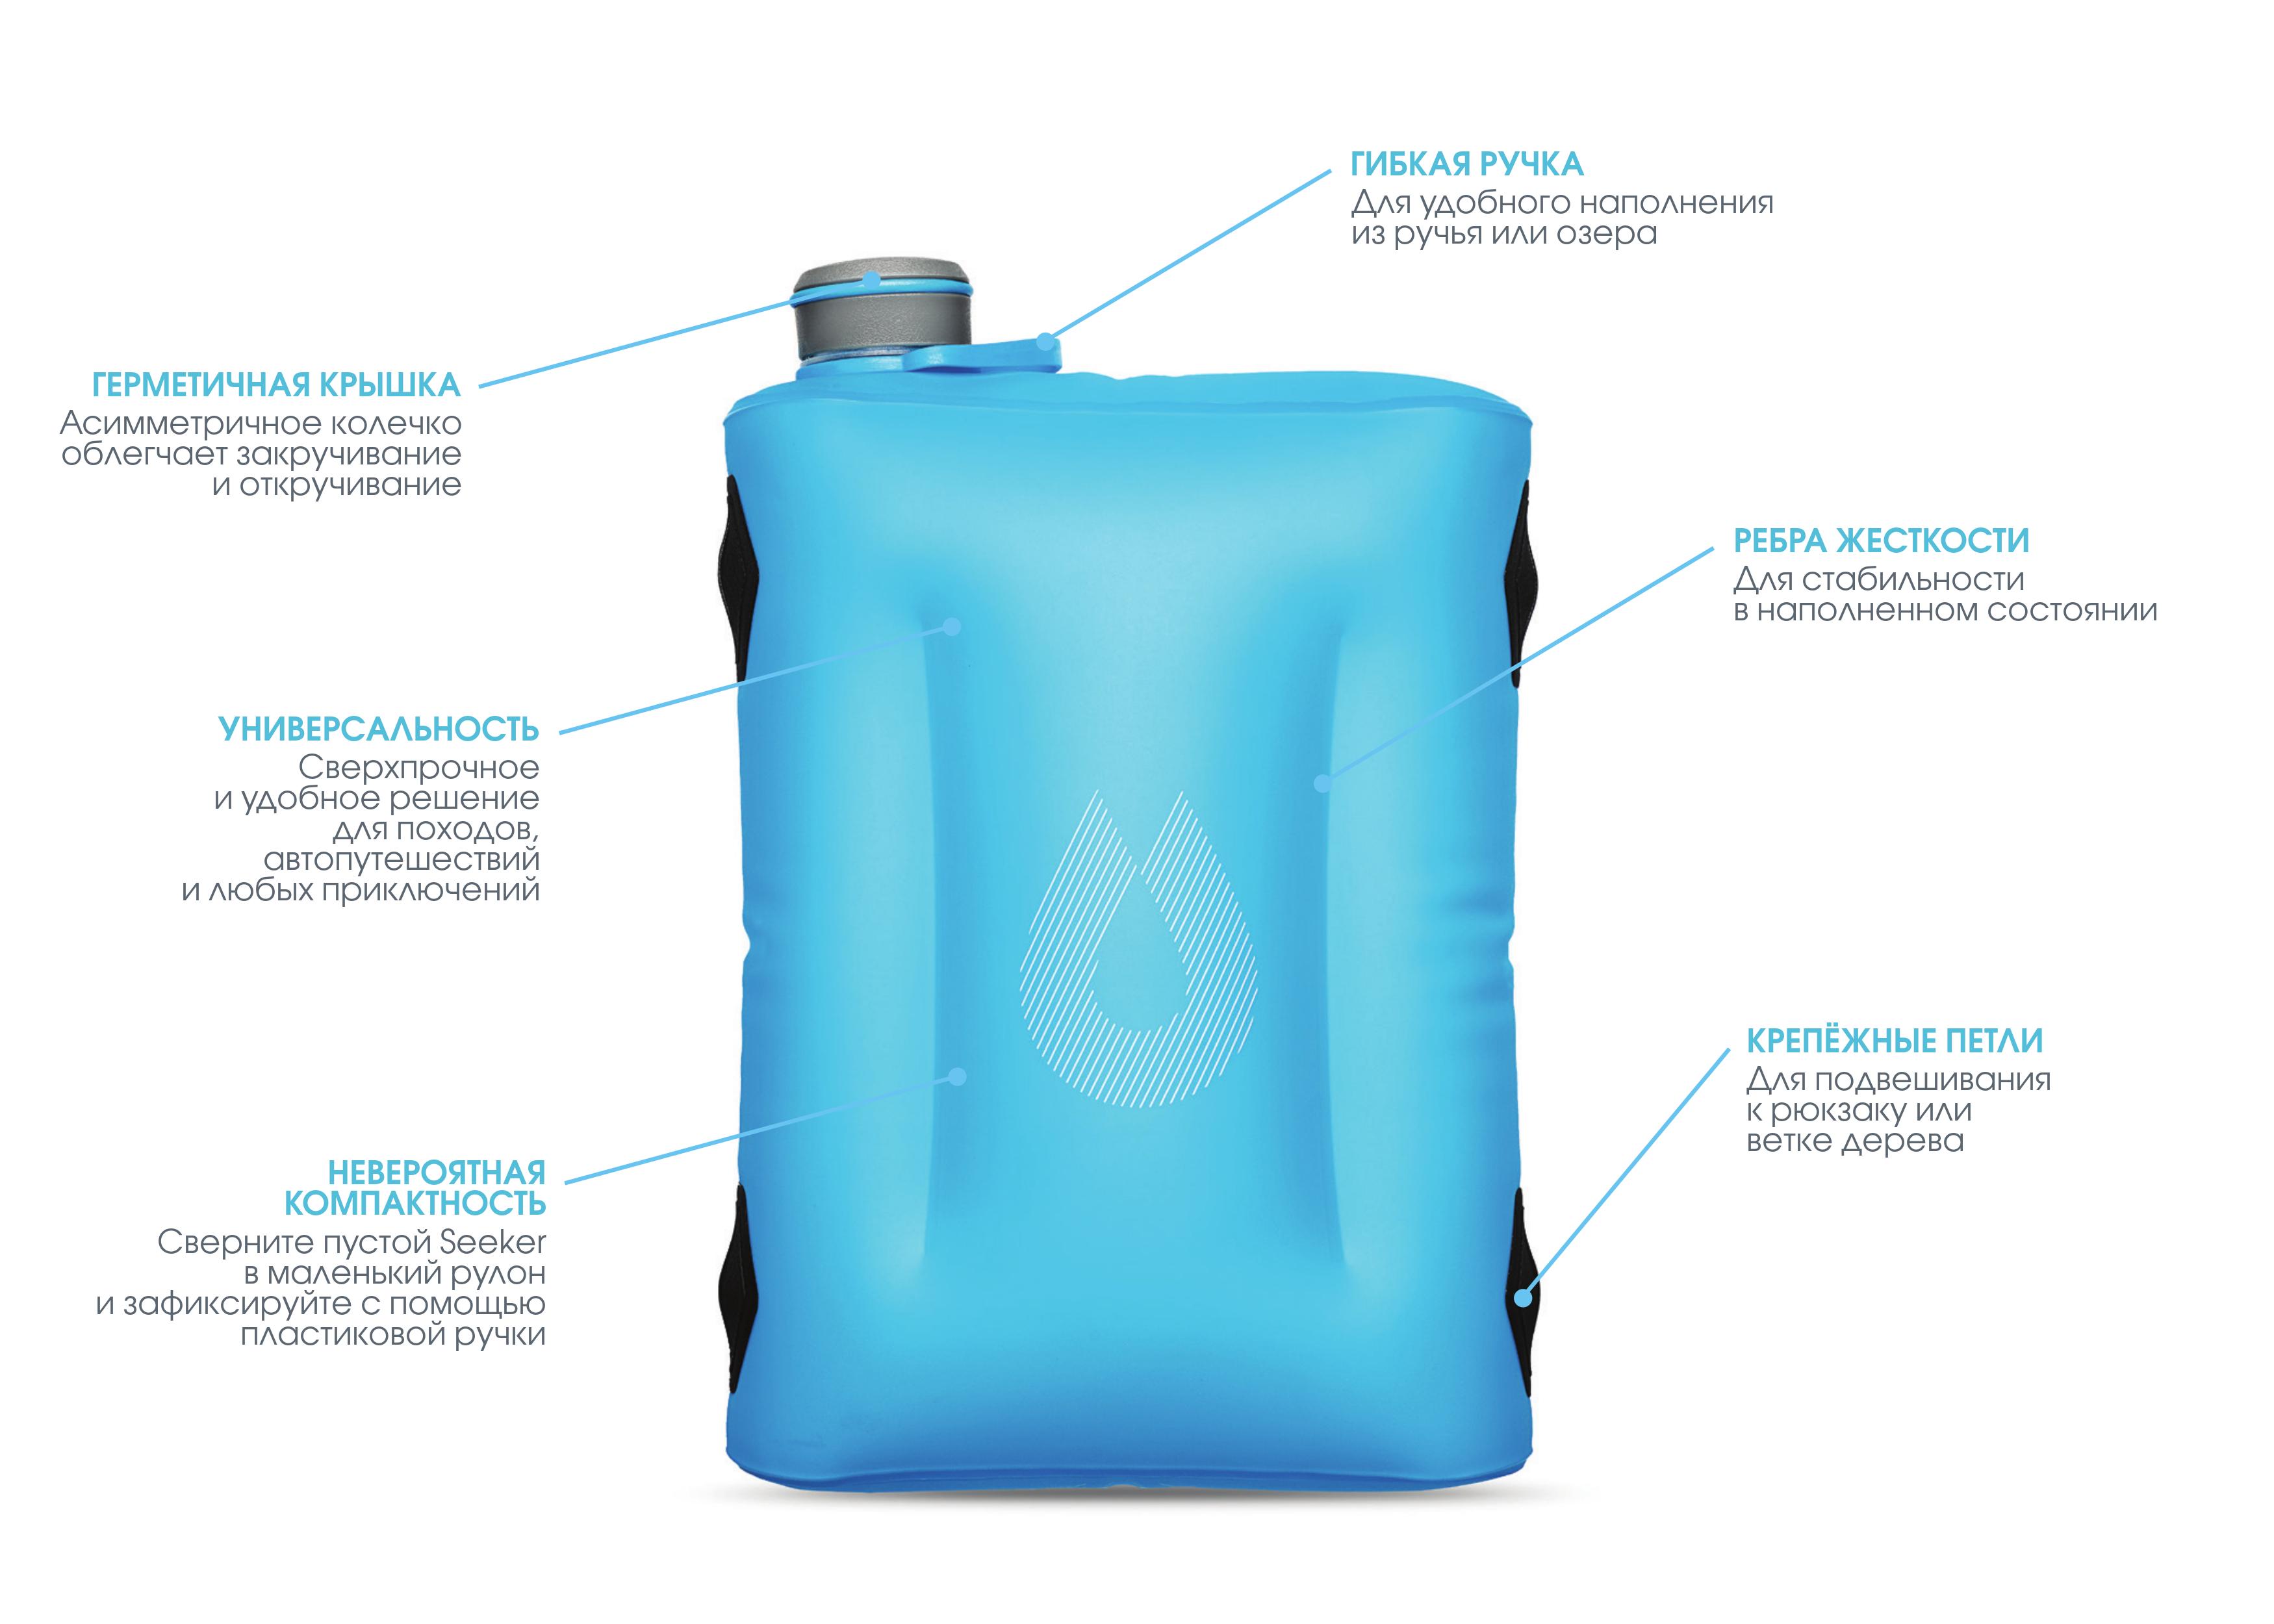 Туристическая емкость для воды HydraPak Seeker 4 L